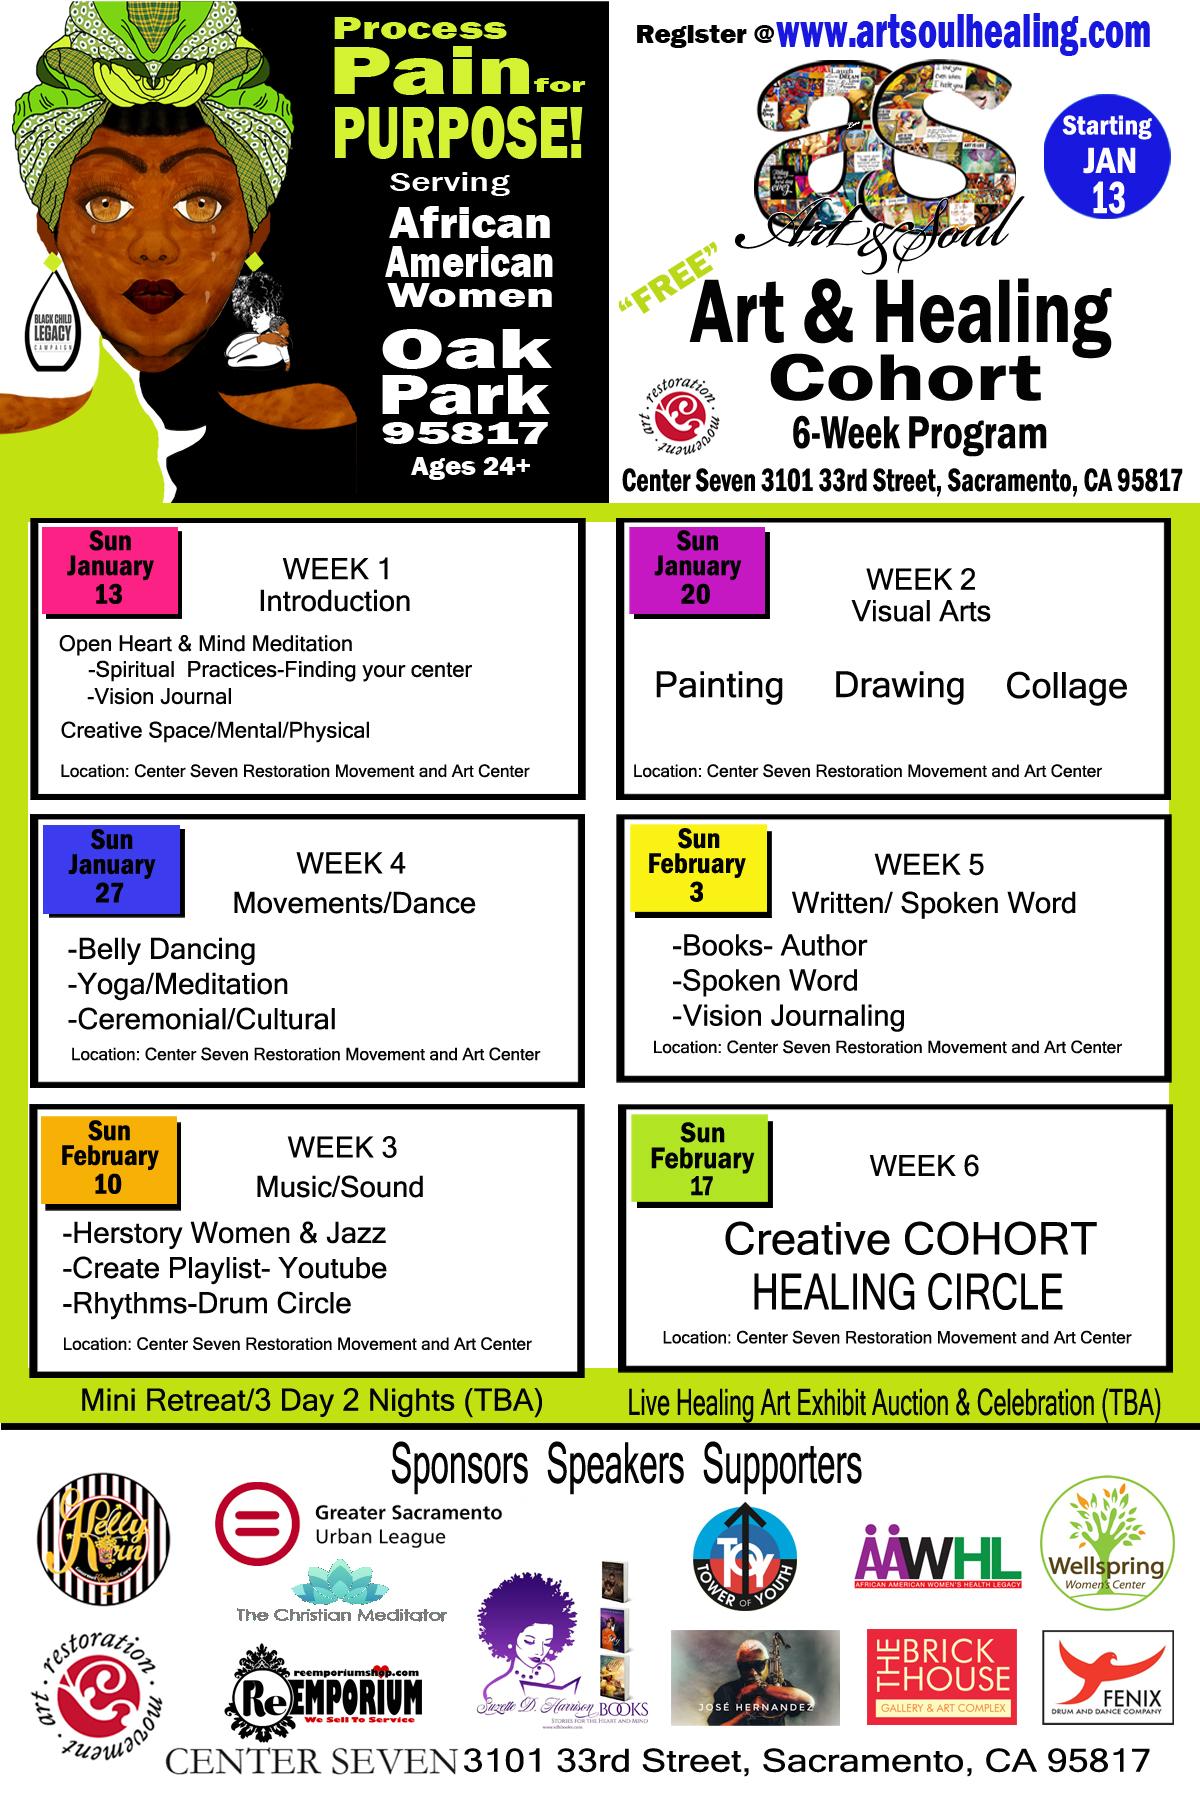 Art & Healing Cohort 6-Week Program